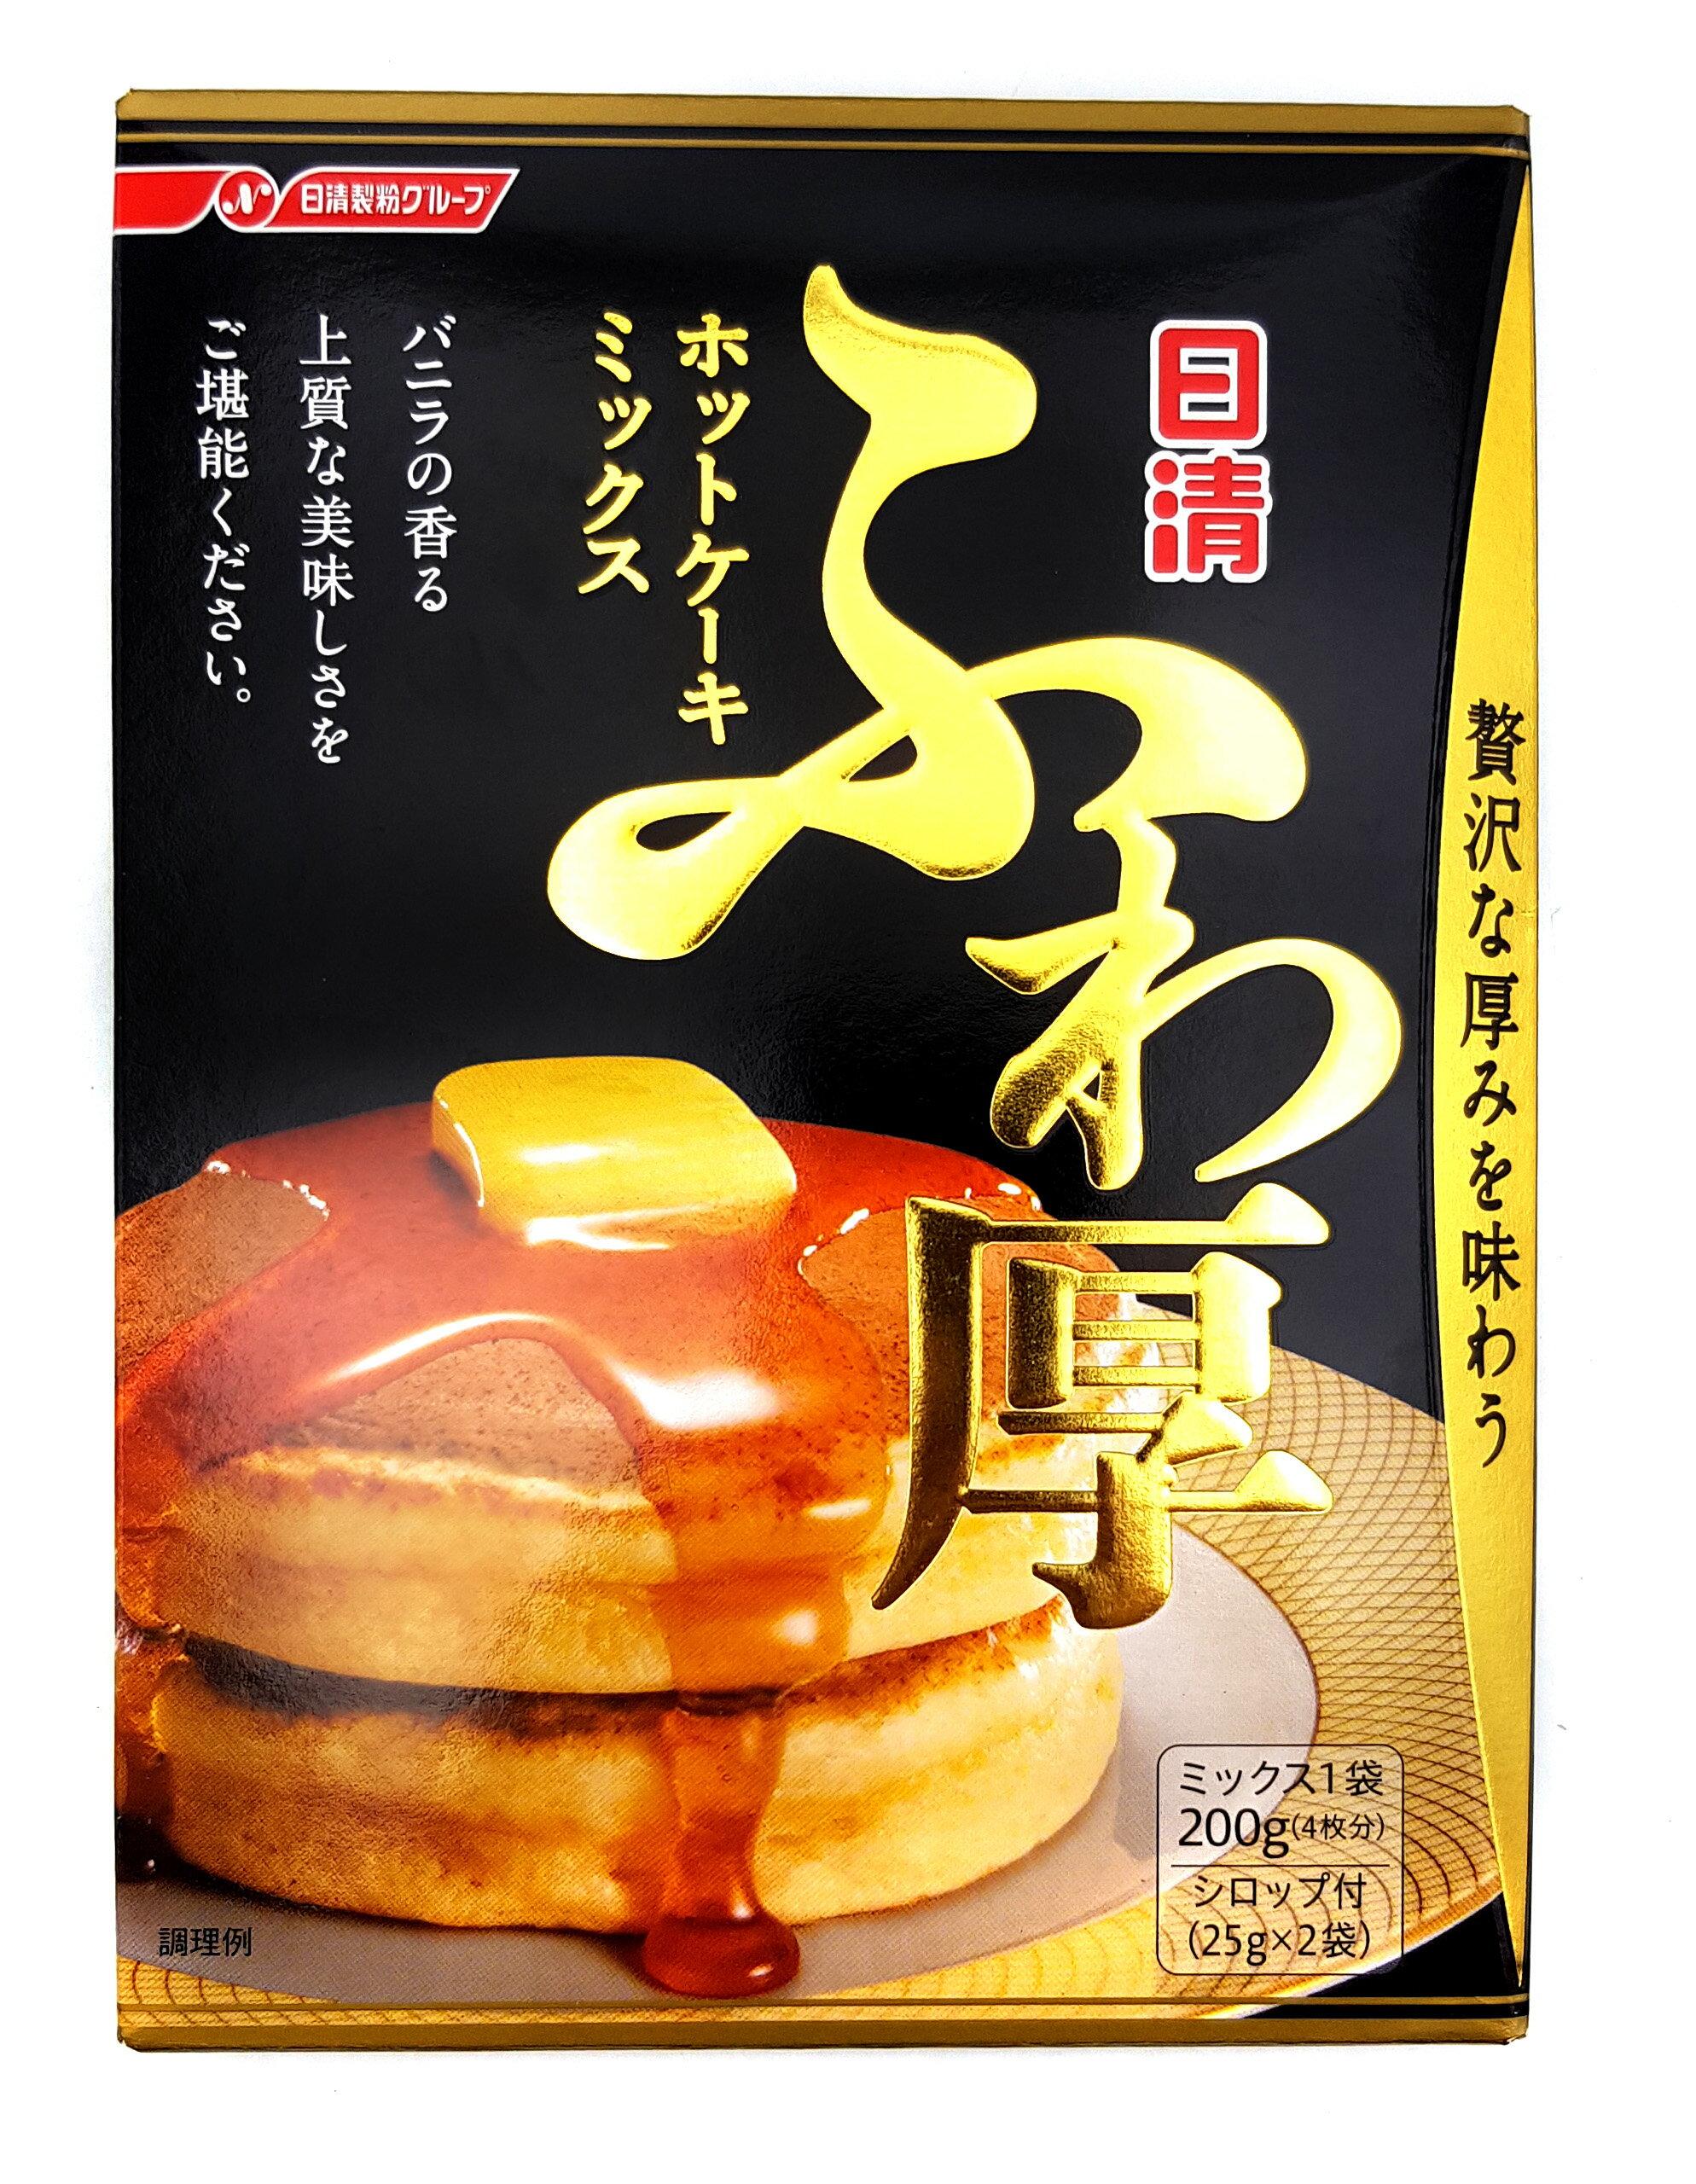 《Chara 微百貨》日本 森永 日清 Pioneer 北海道 舒芙蕾 鬆餅粉 抹茶 250g 鬆餅 極致 糖漿 4